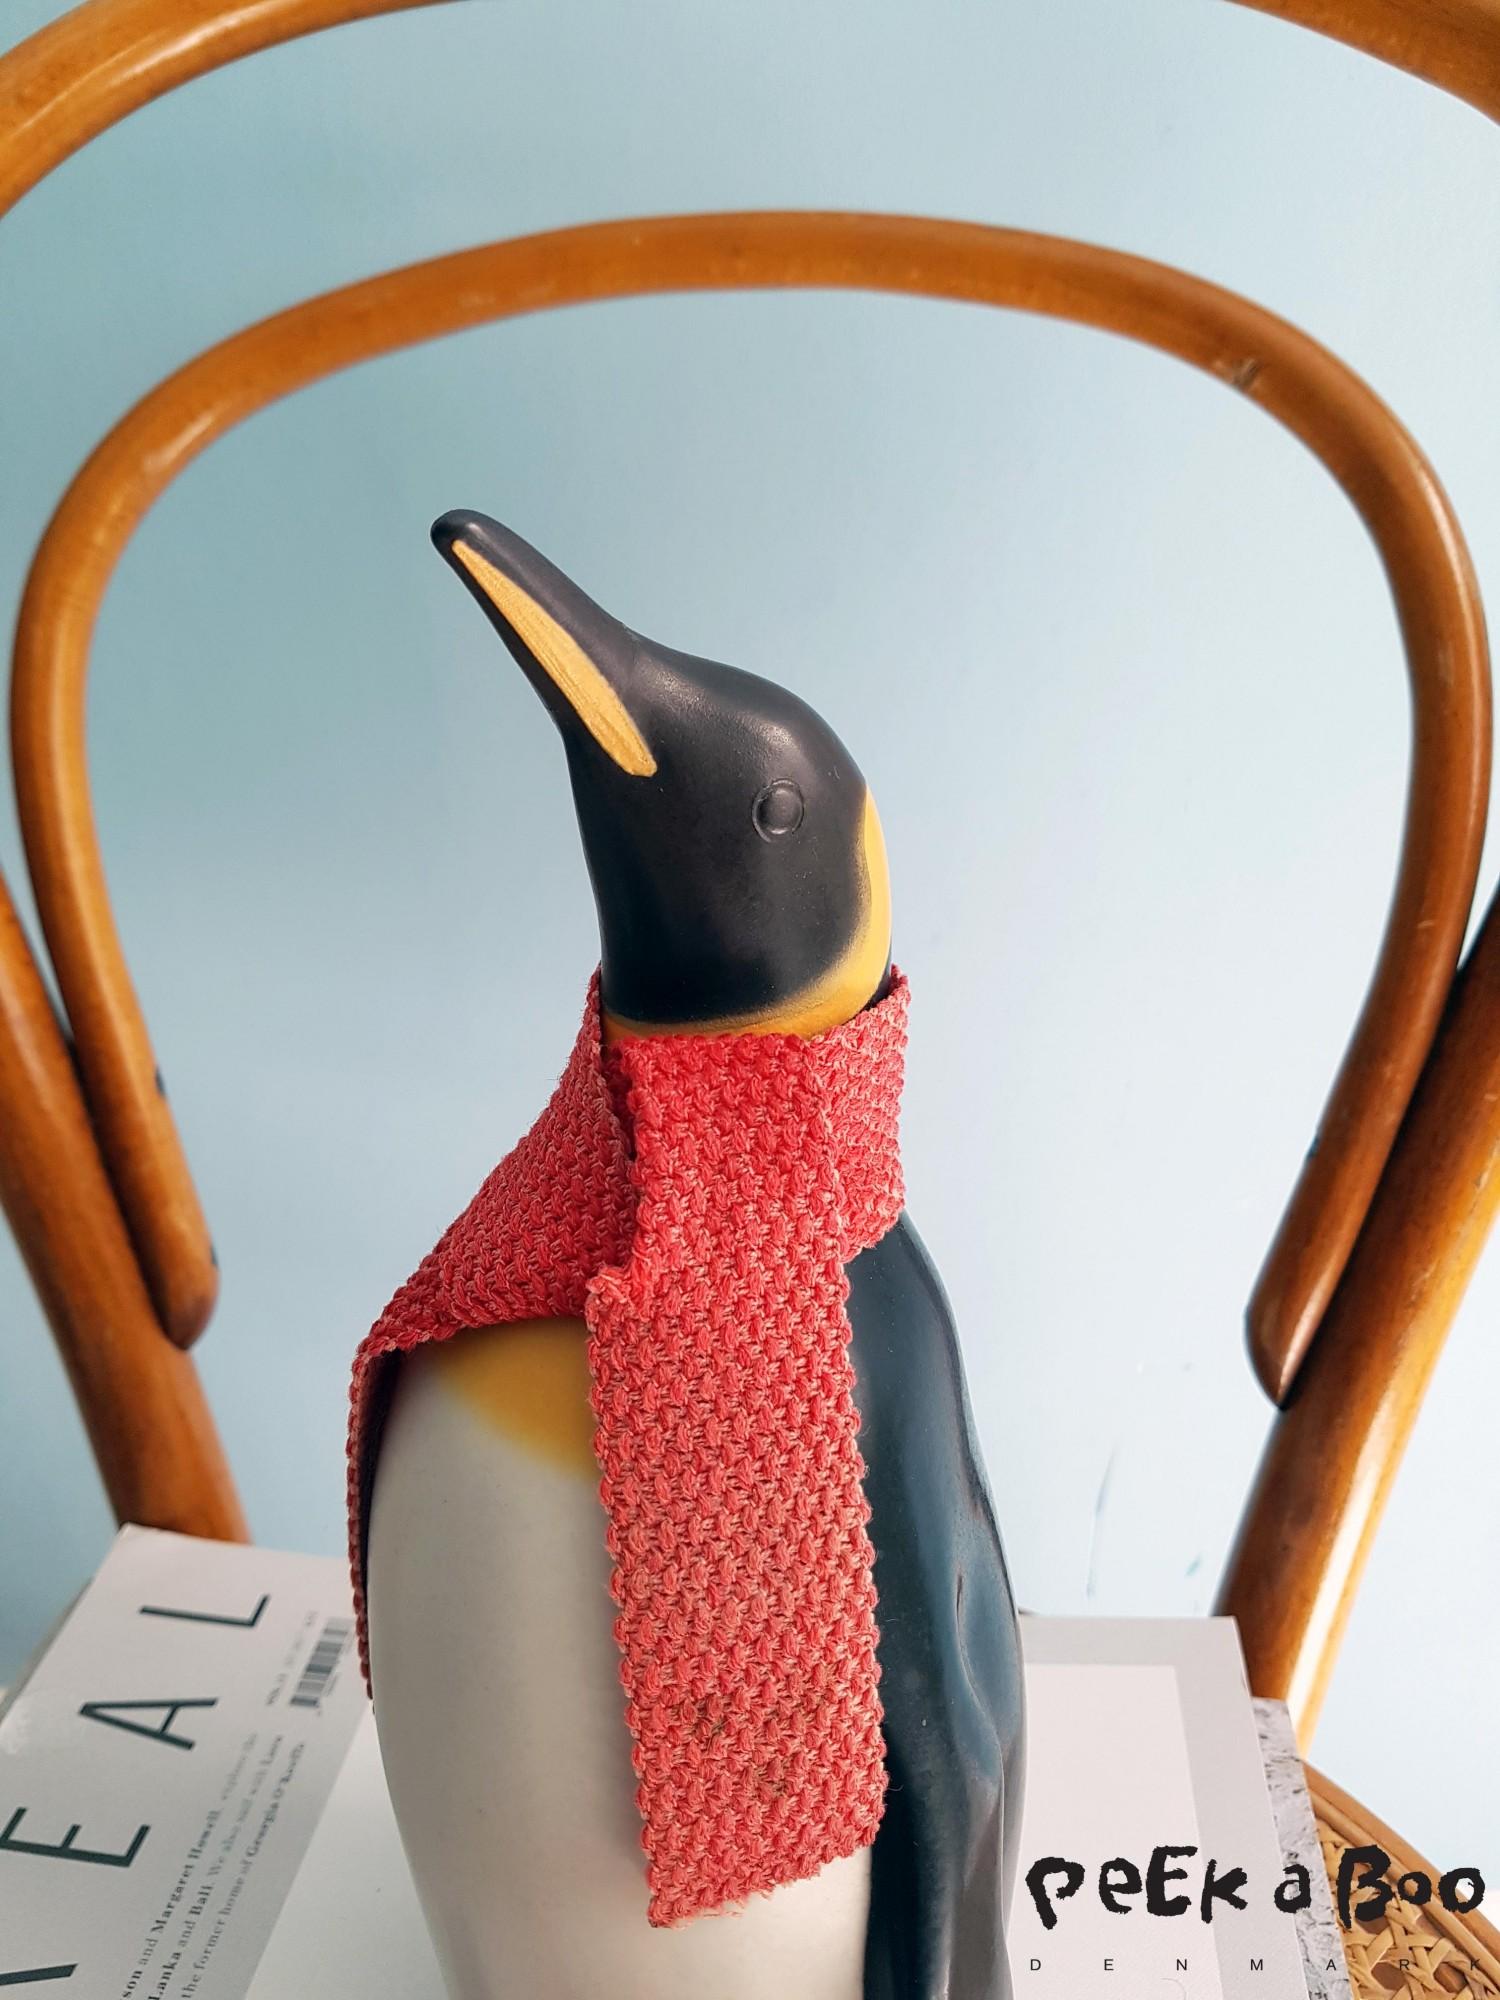 Denne gamle keramik pingvin blev formgivet af Johannes Hansen i 1967 for dengang landmandsbanken, og produceret af Knabstrup Keramik.